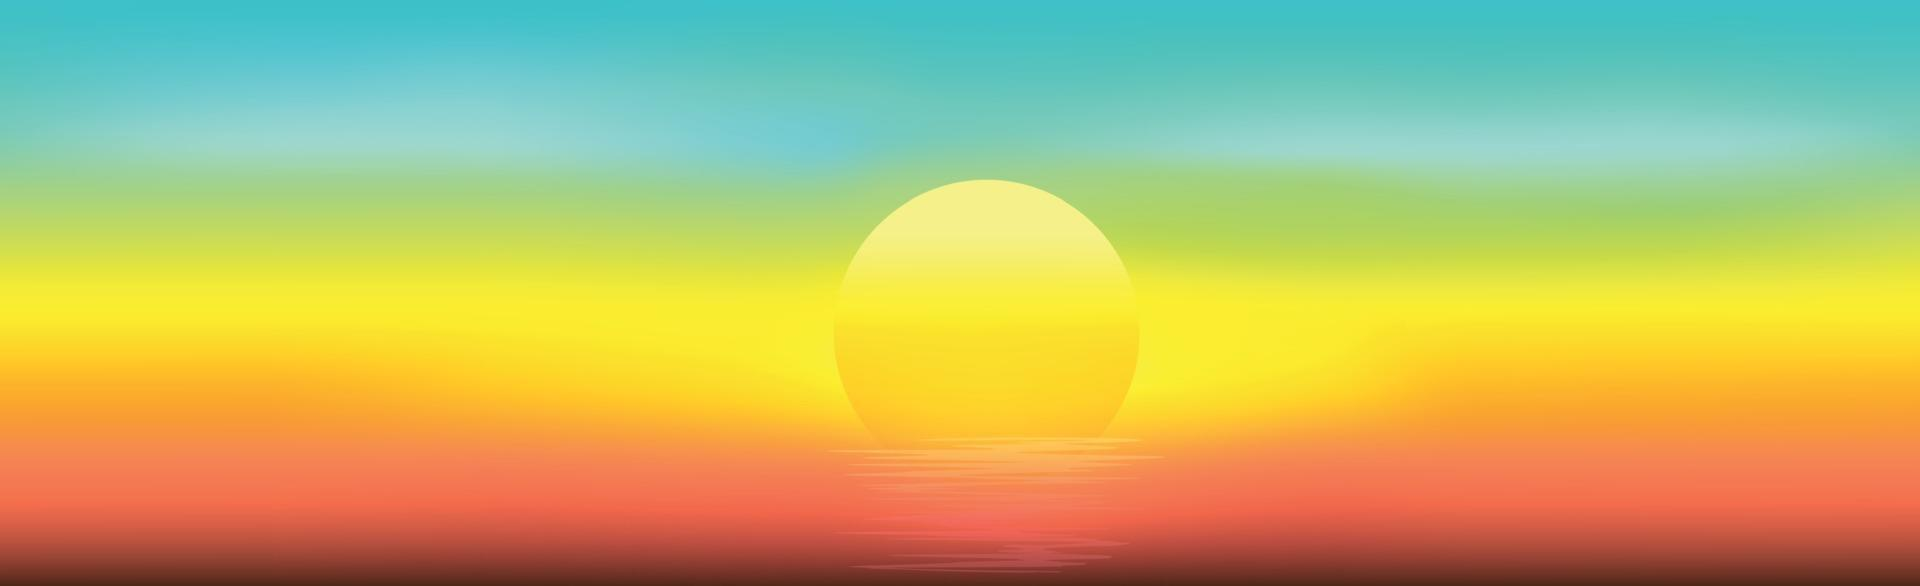 panorama du coucher du soleil et de l'éblouissement sur l'eau - illustration vecteur